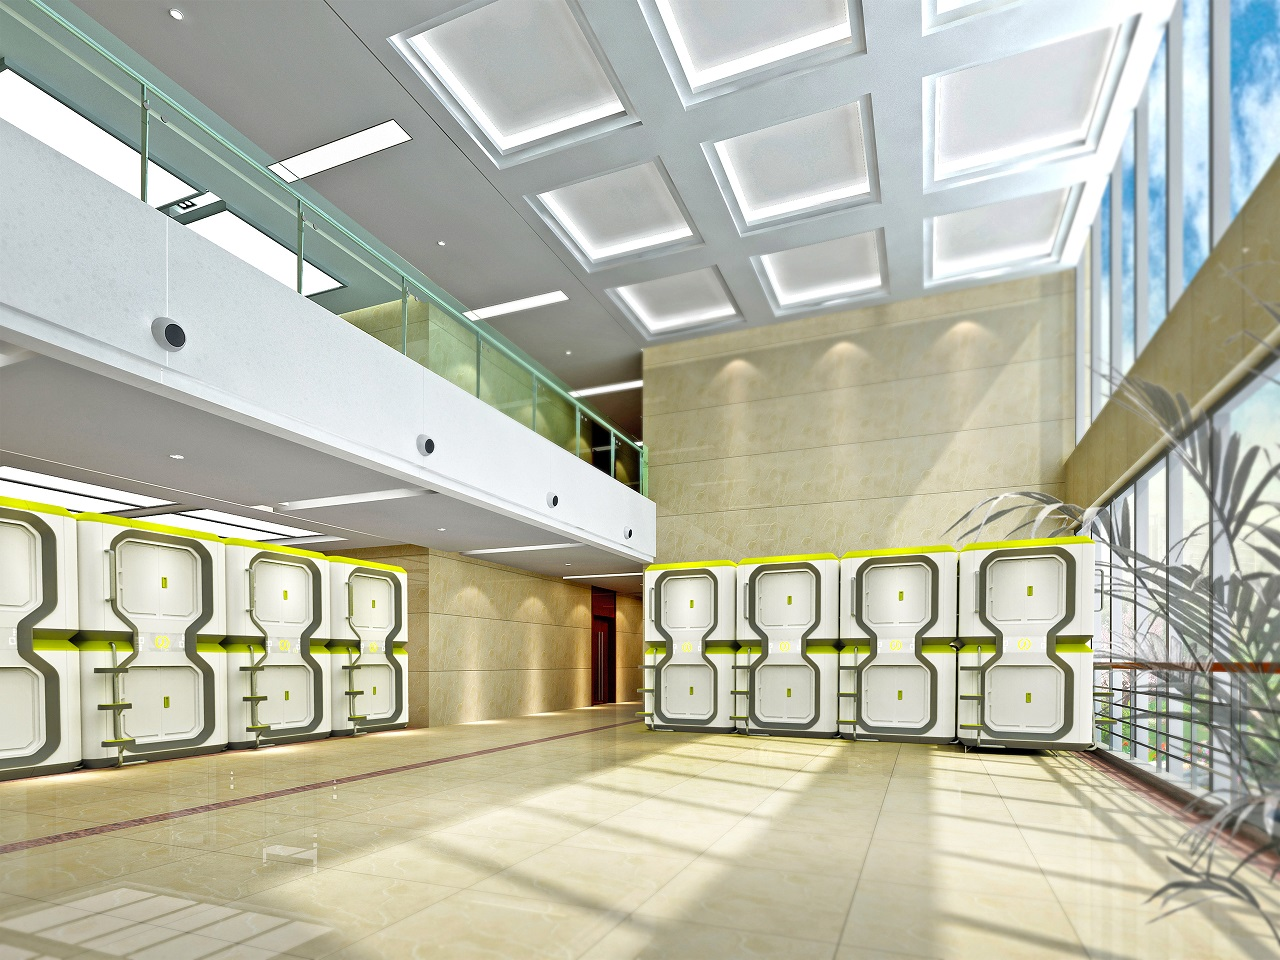 胶囊酒店太空舱图片-生产厂家4.jpg